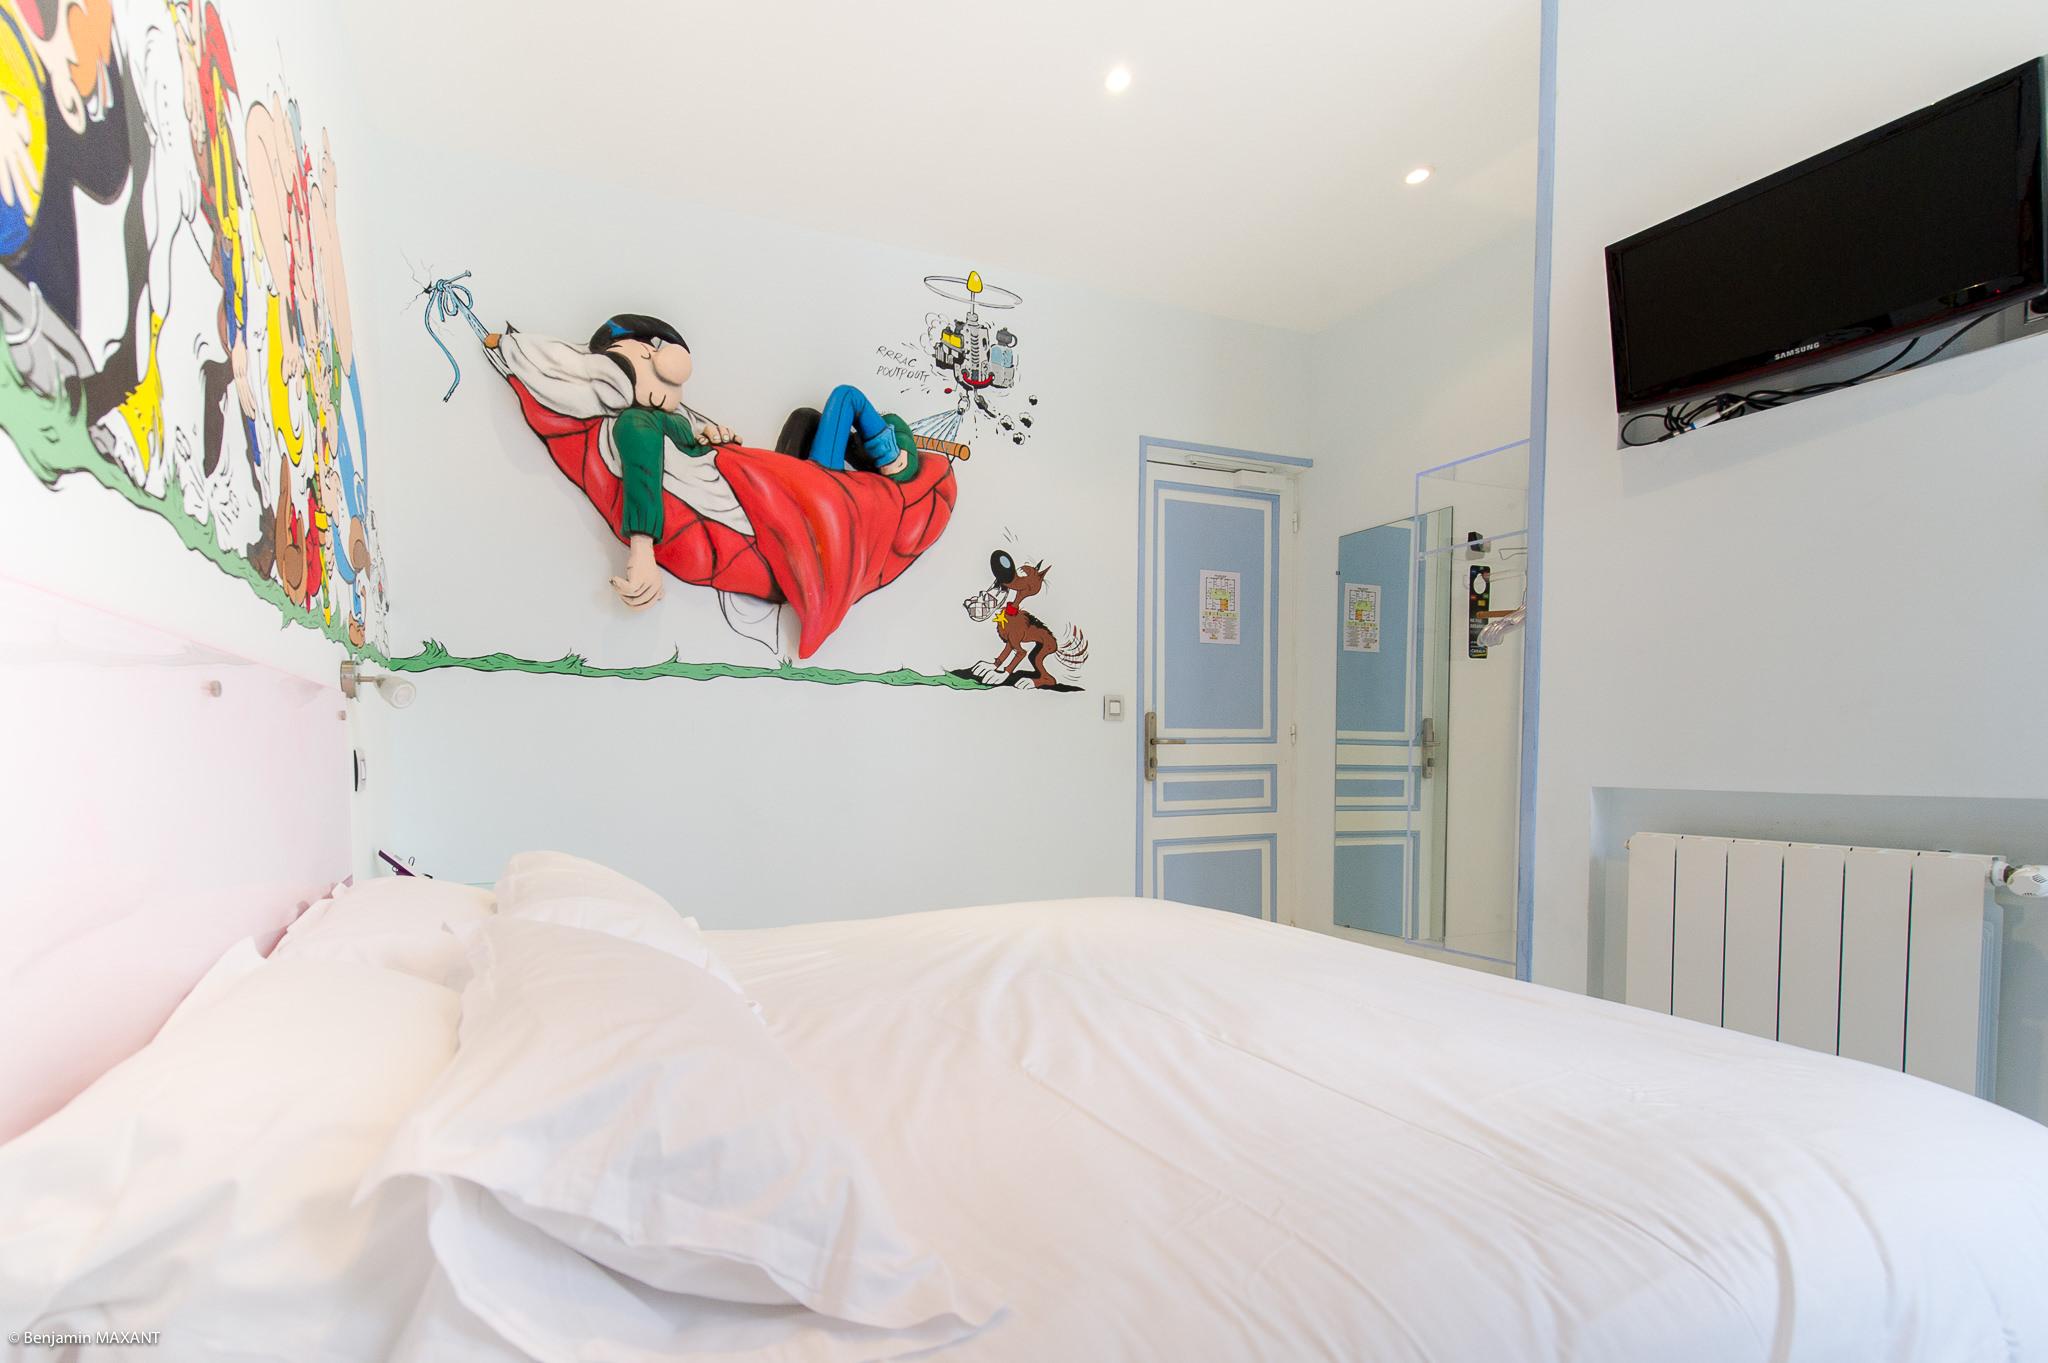 Reportage photo immobilier - Hôtel Idéal - chambre bande dessinée